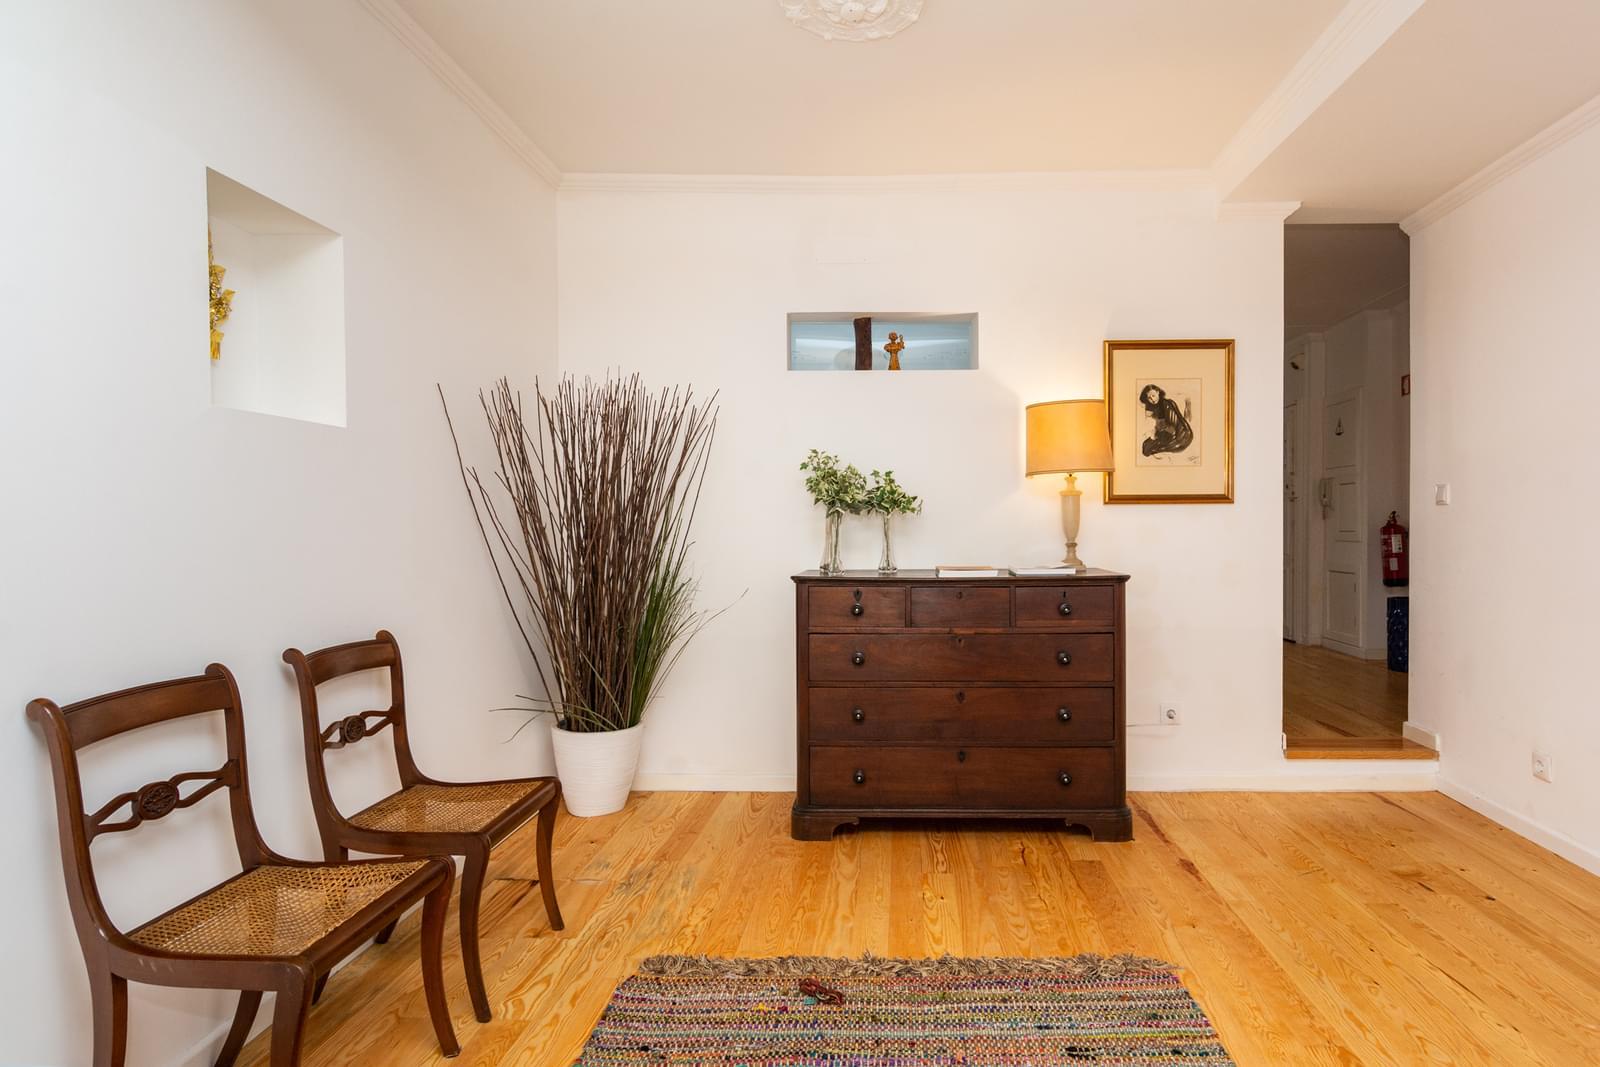 PF19252, Appartement T2, LISBOA